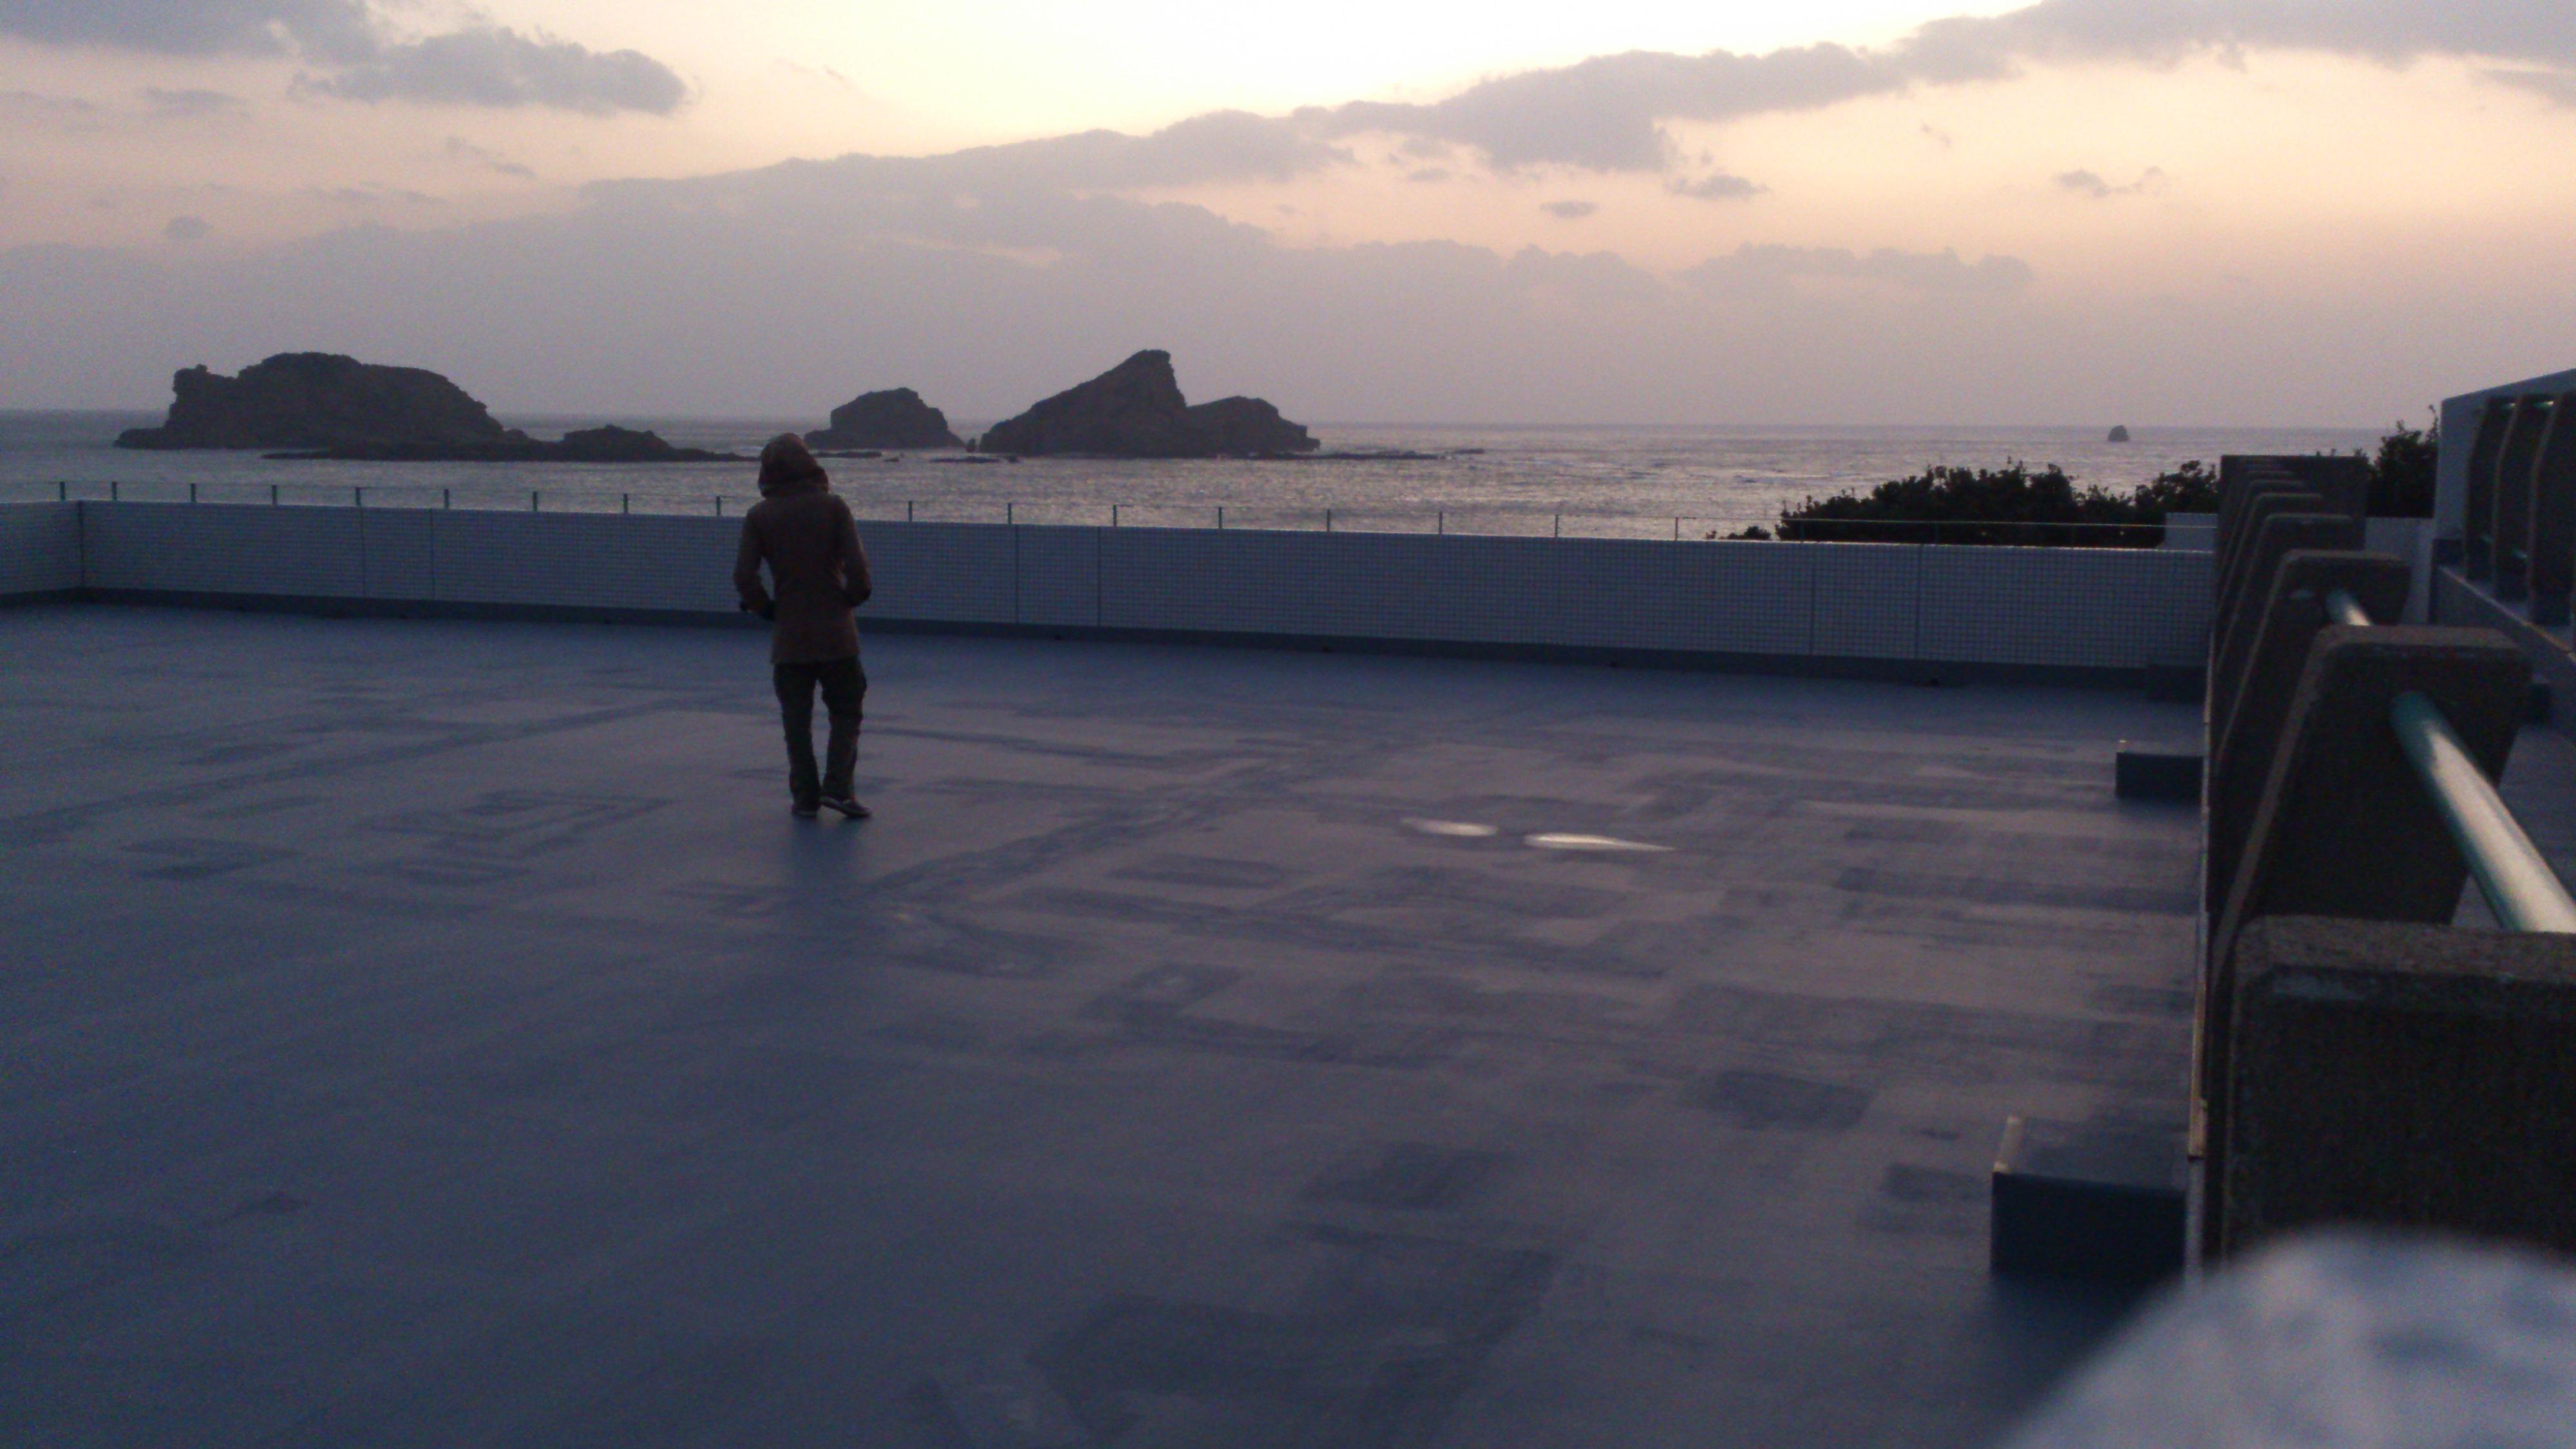 2012年12月。僕は種子島を一人で旅した:端っこの方の施設で撮影